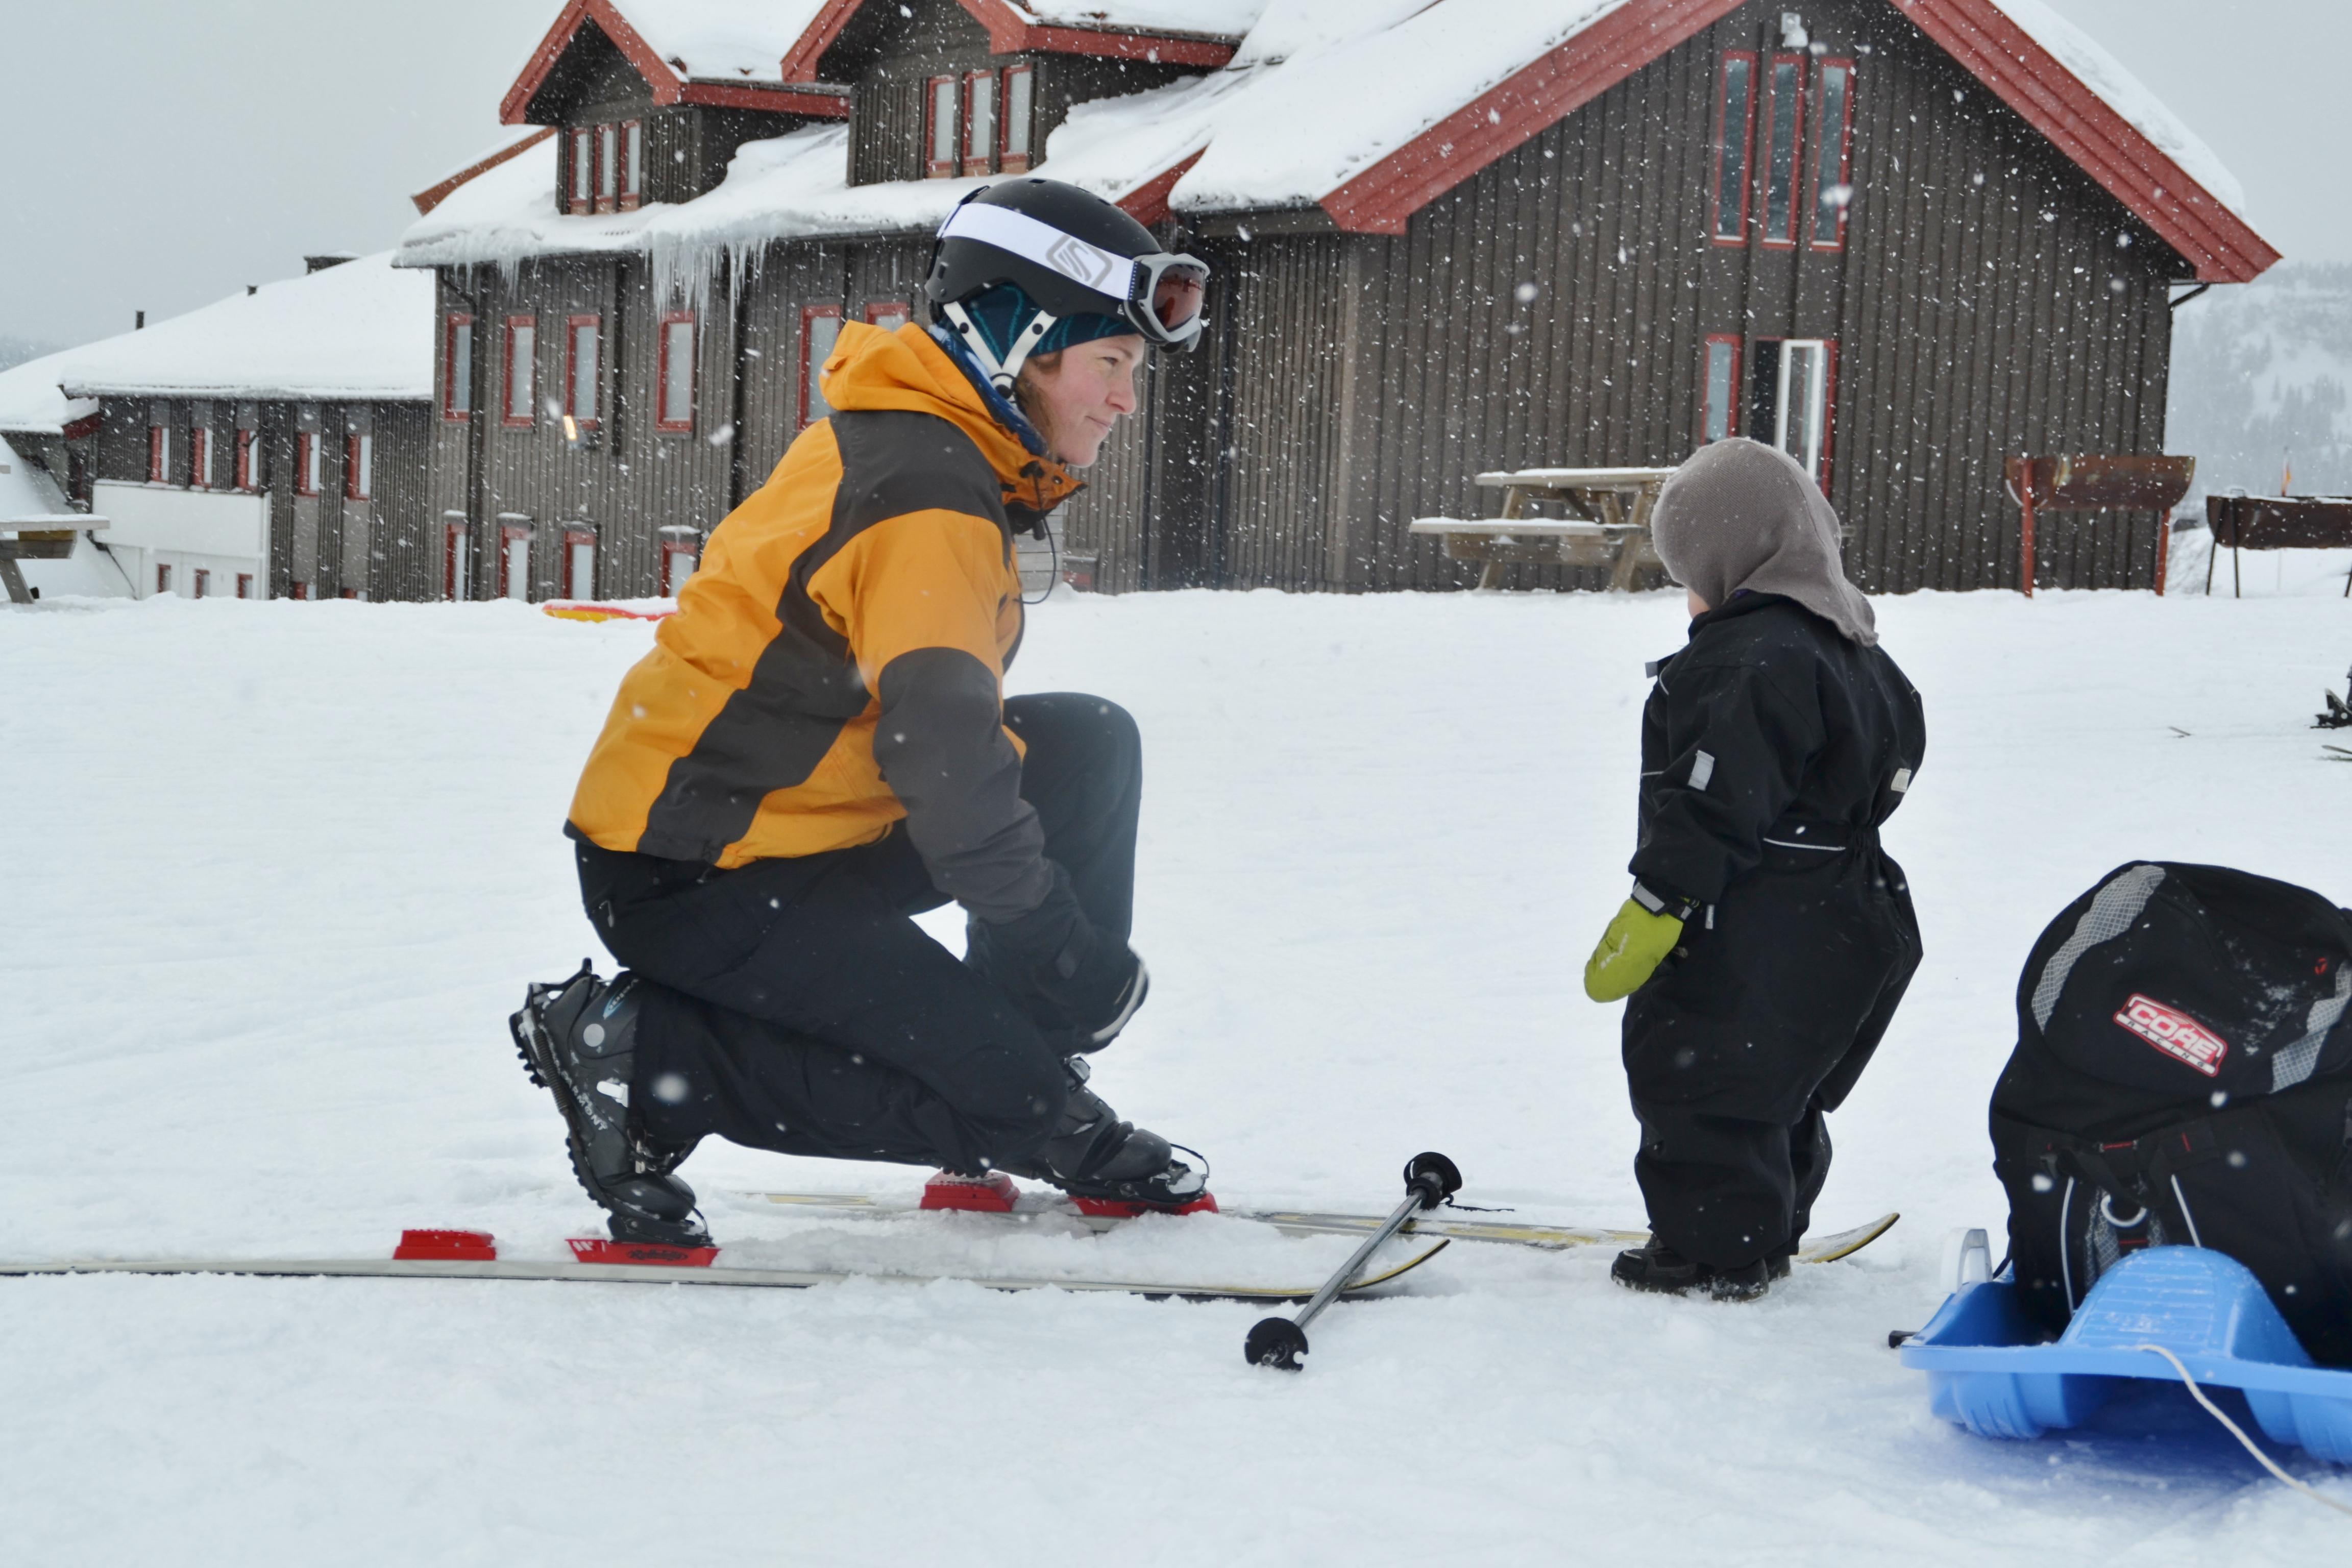 skiier mom